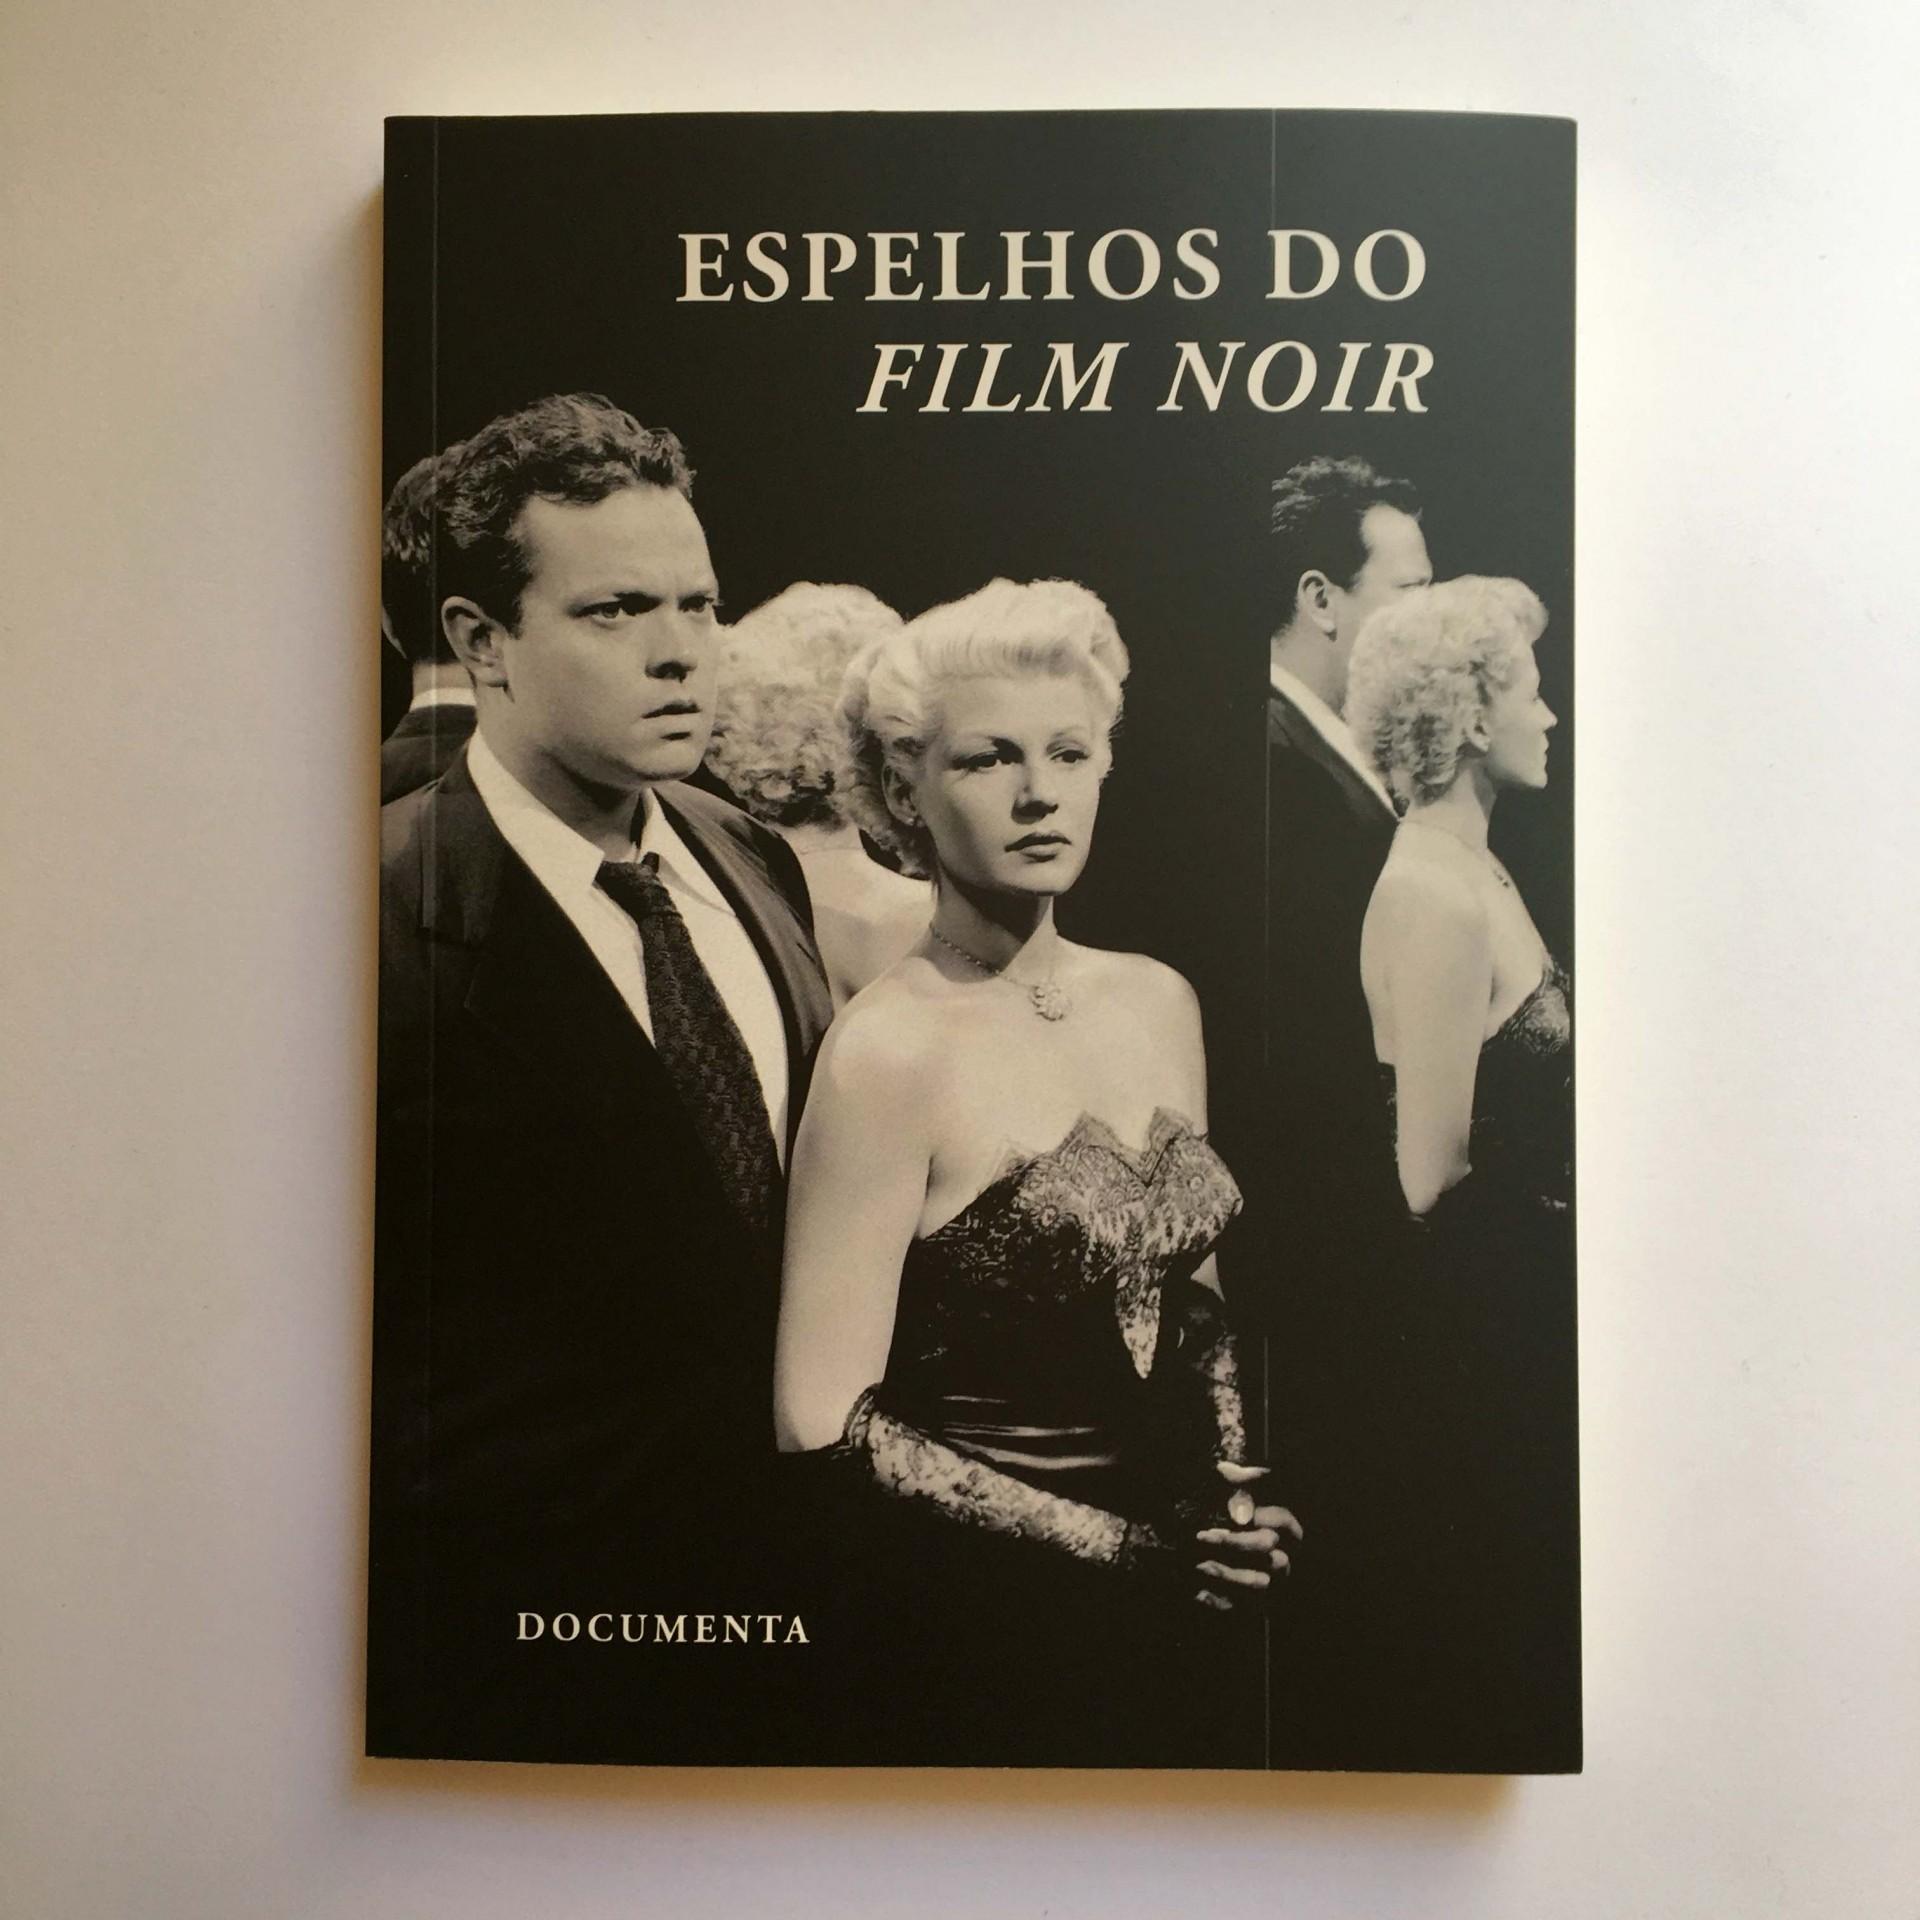 Espelhos do Film Noir